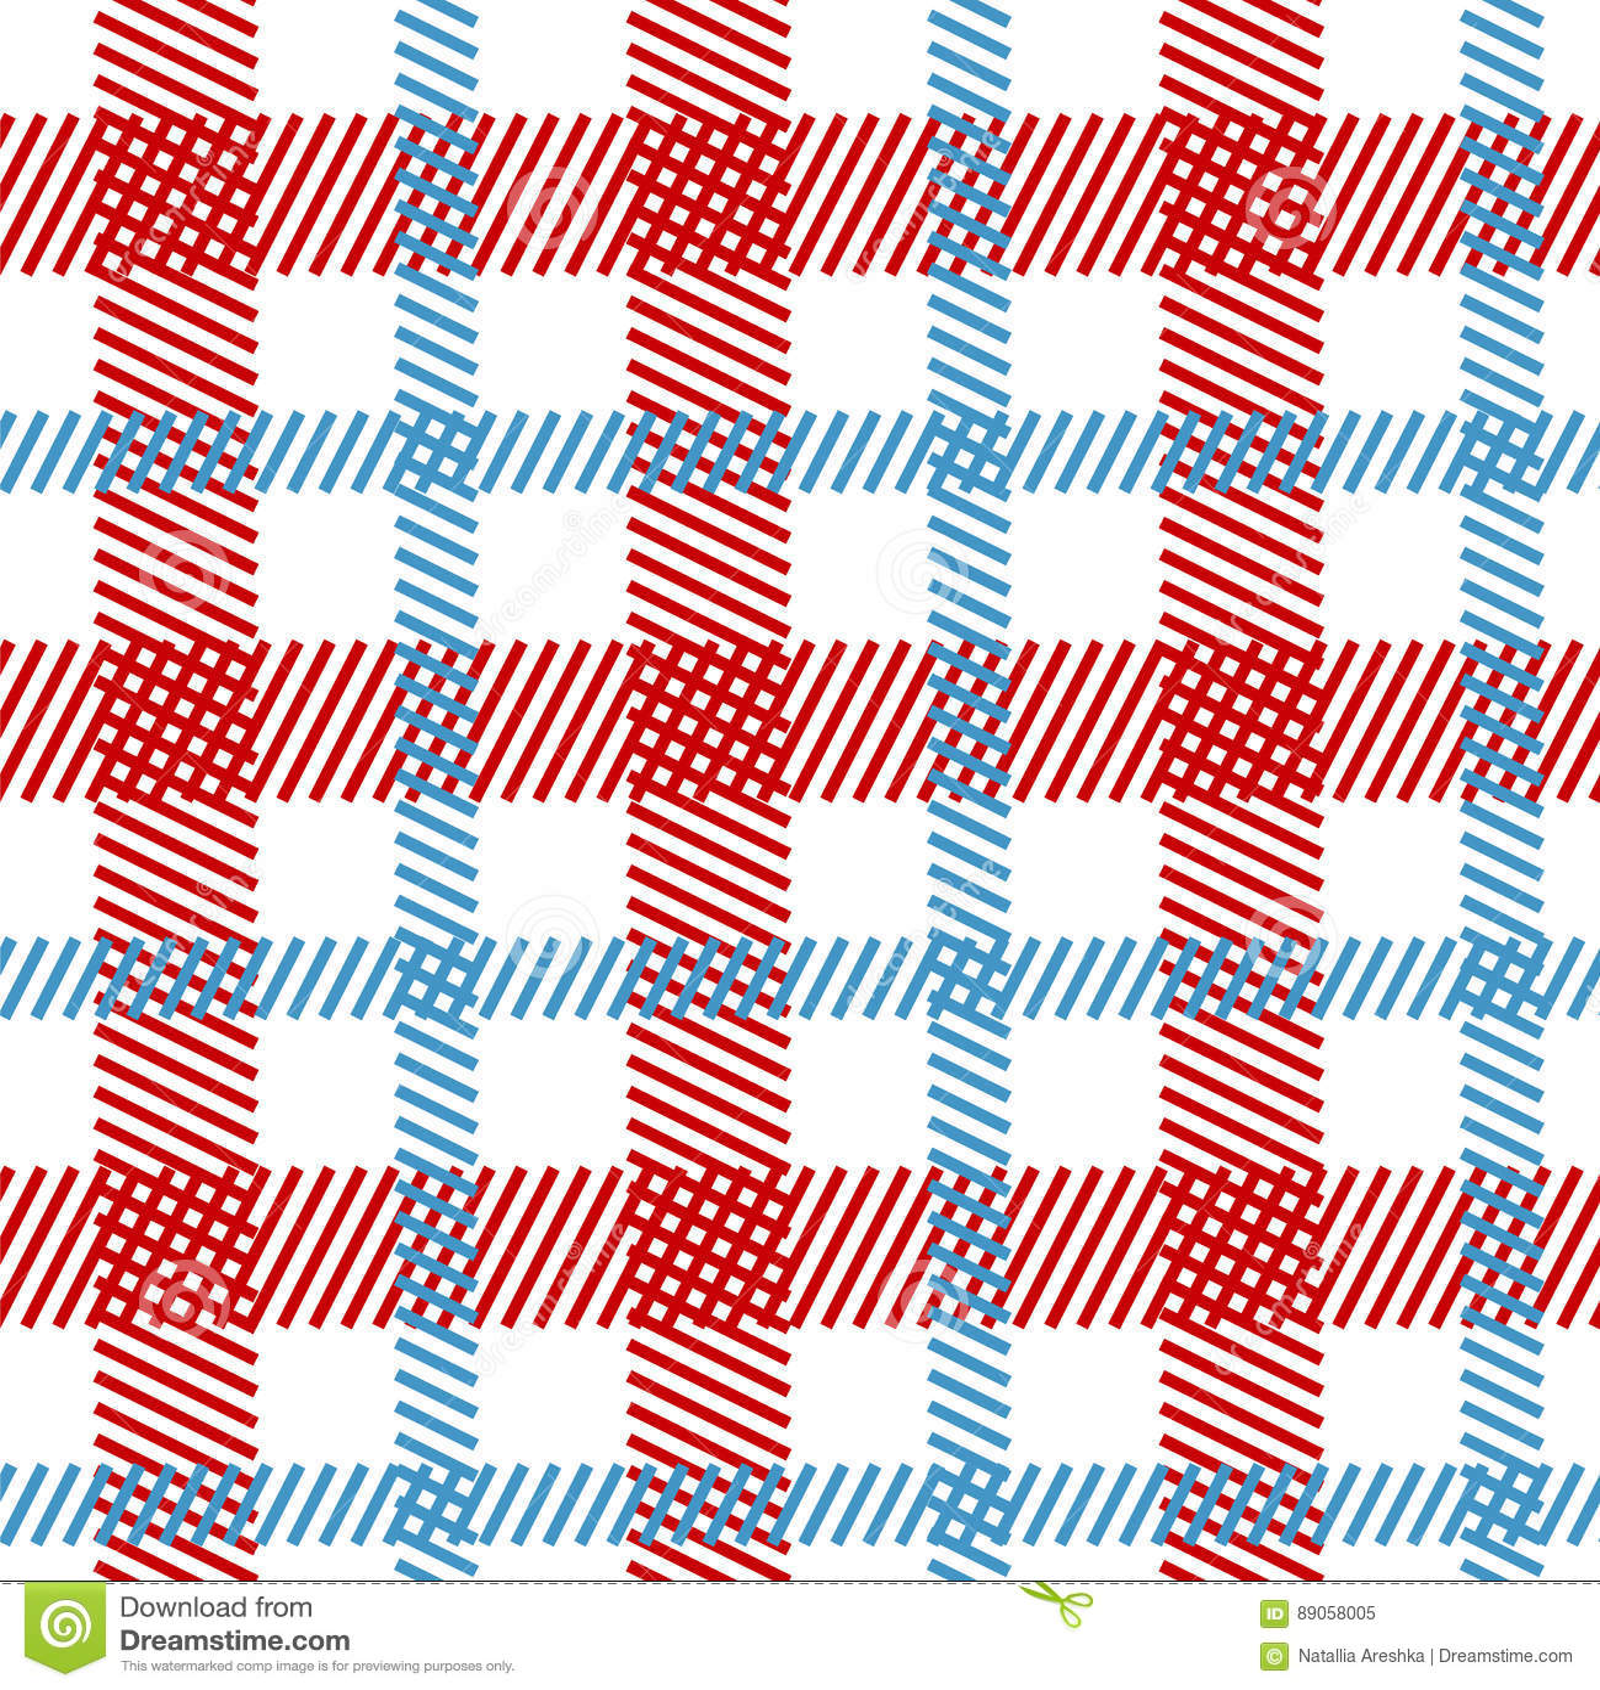 tartan fabric seamless pattern stock vector illustration of